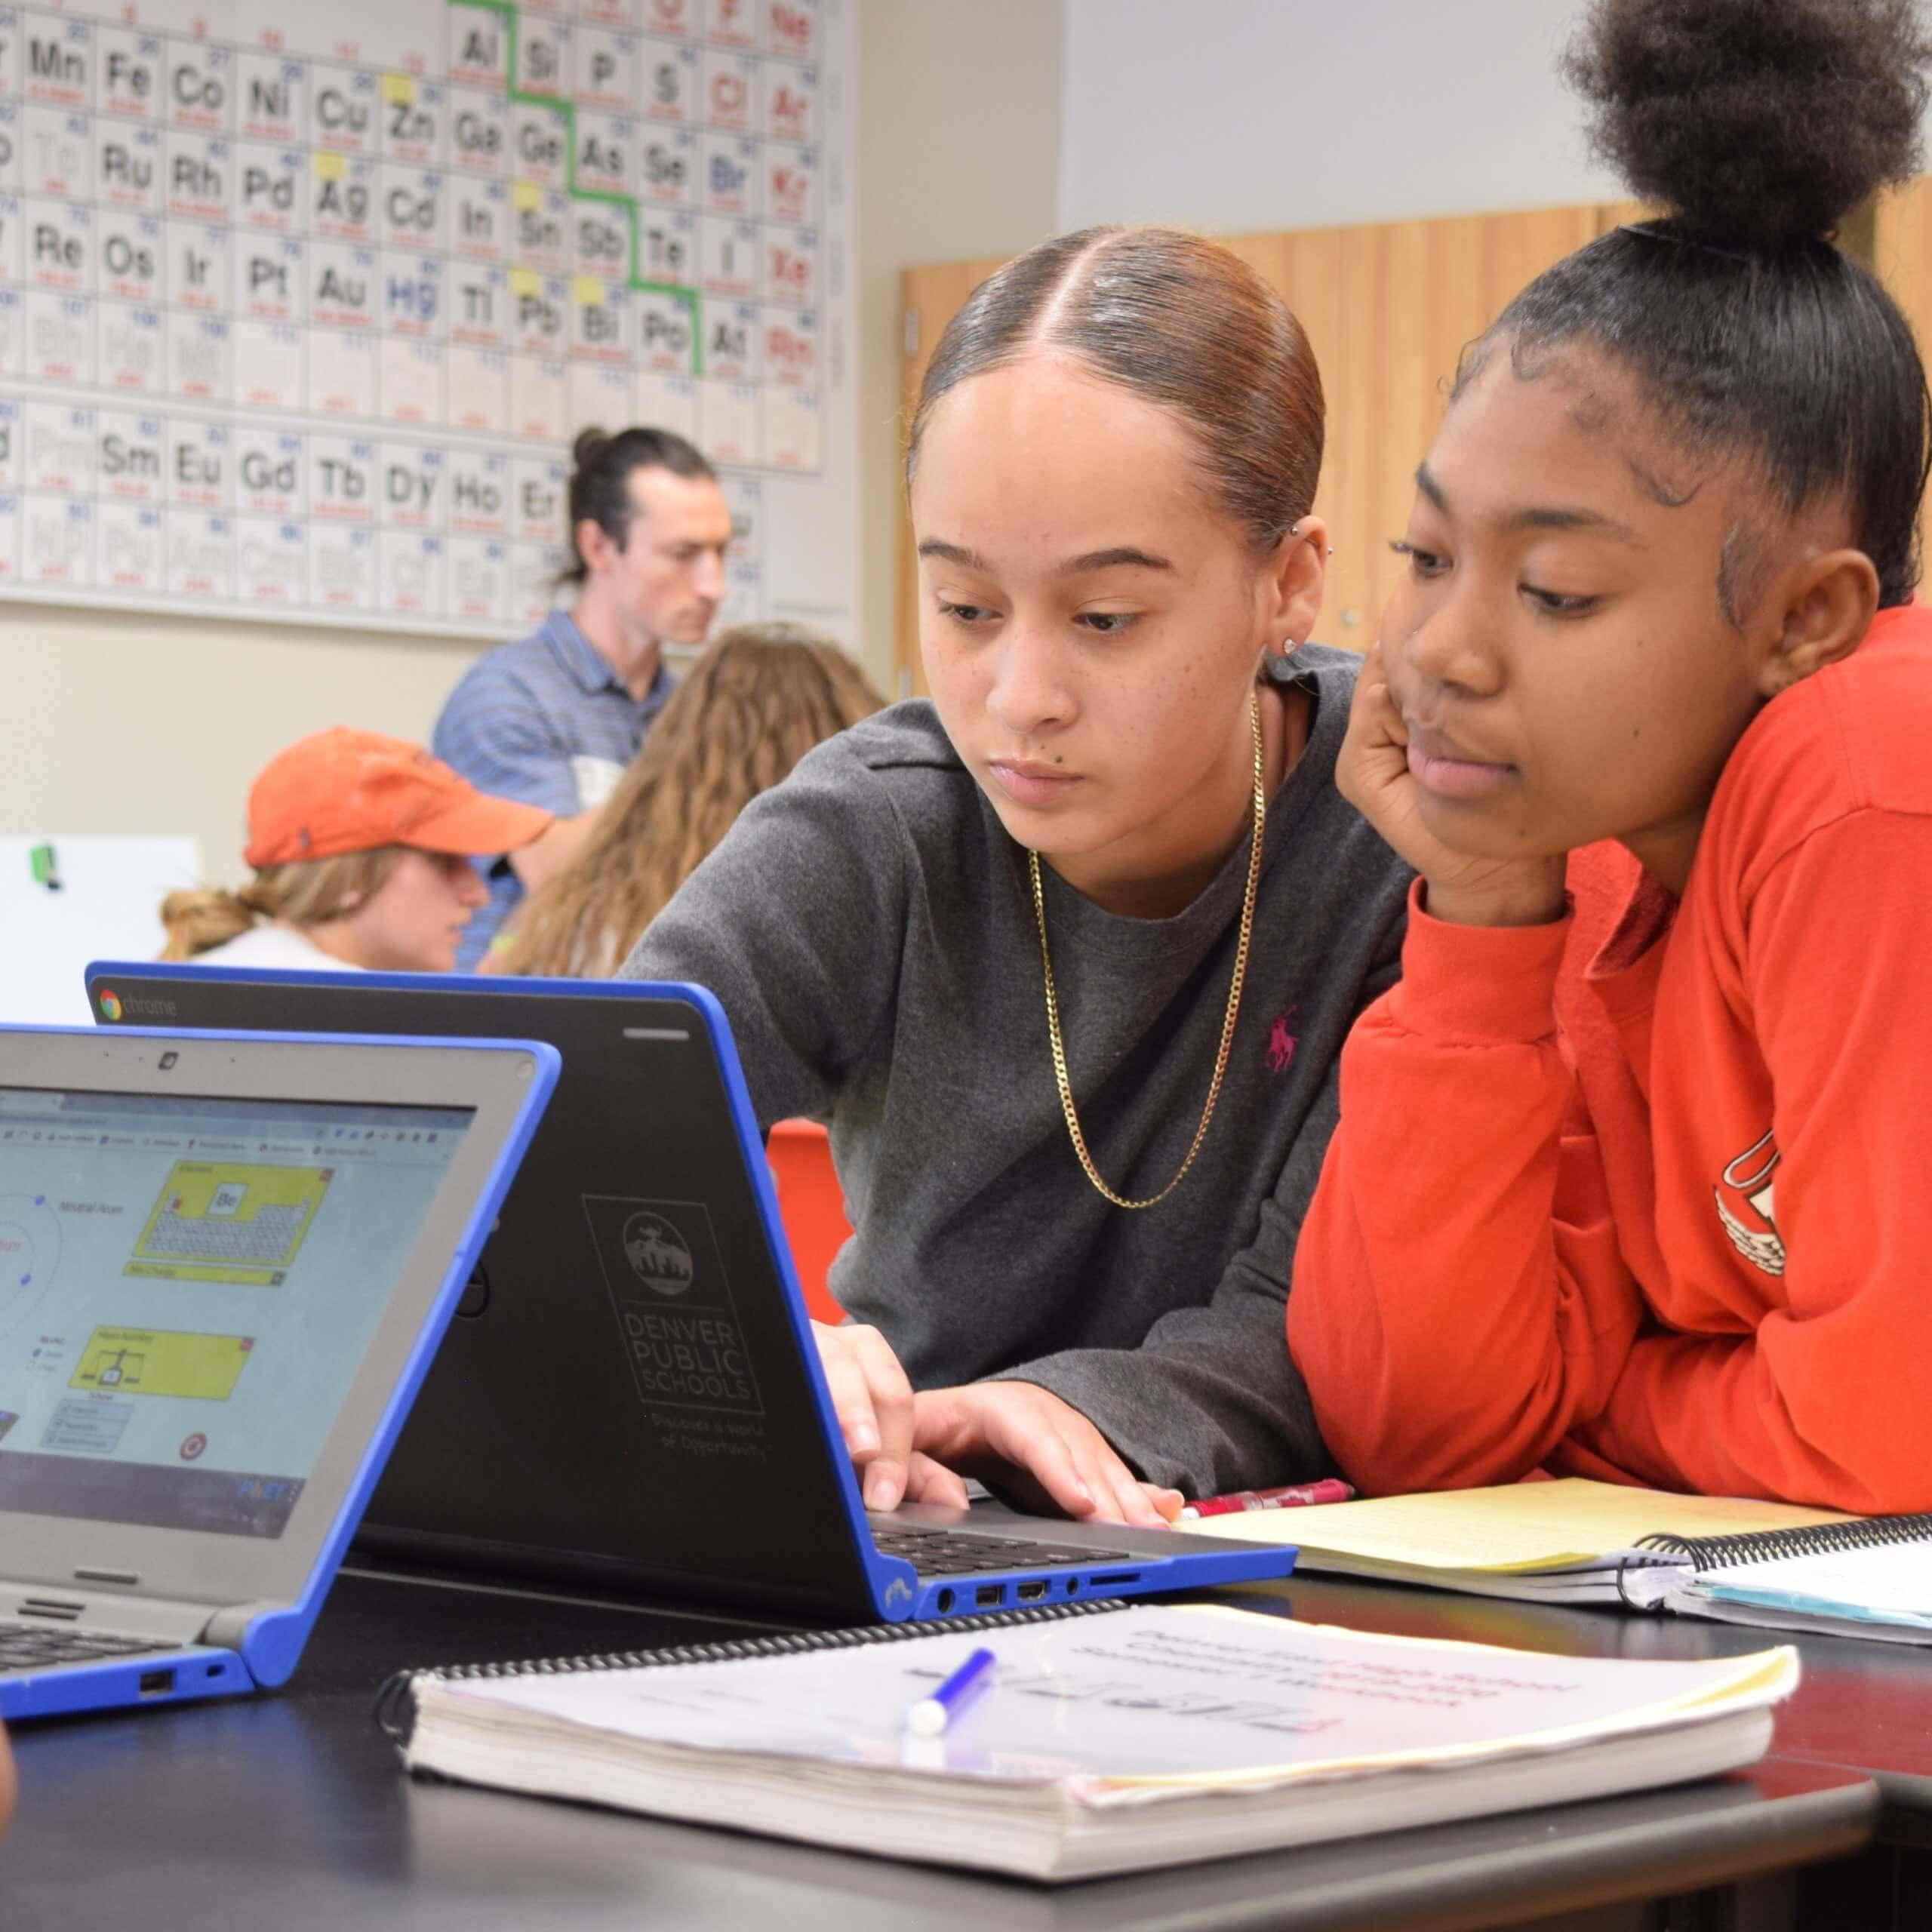 PhET Global: STEM Education for All